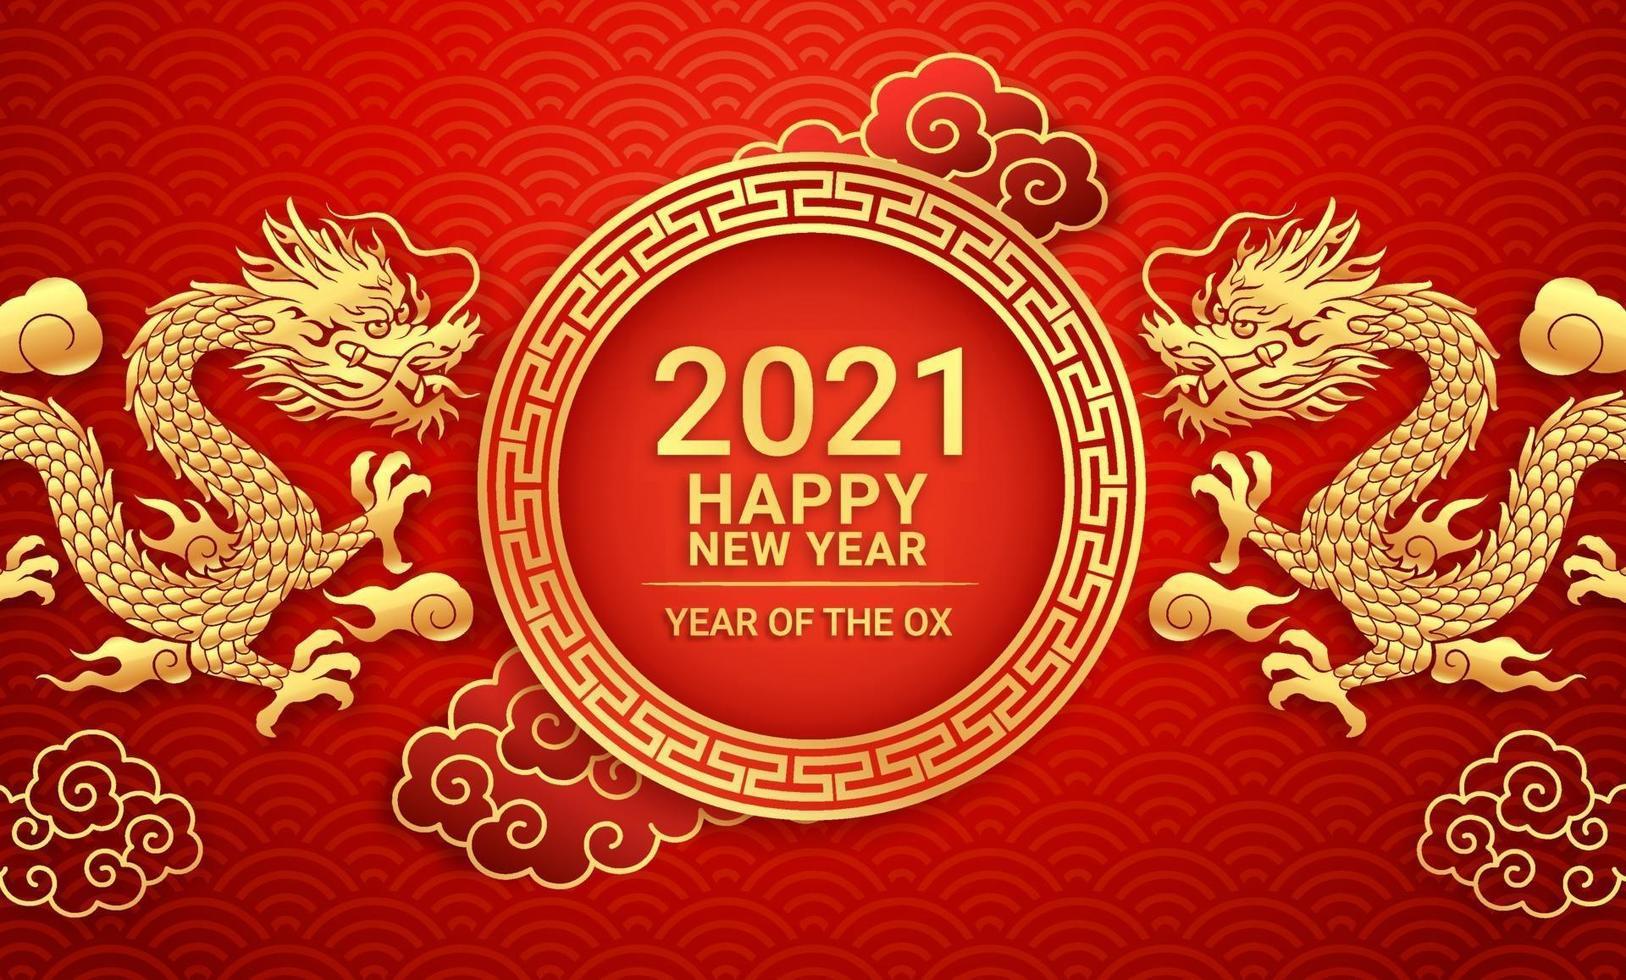 Chinees Nieuwjaar 2021 gouden draak op wenskaart achtergrond. vector illustraties.